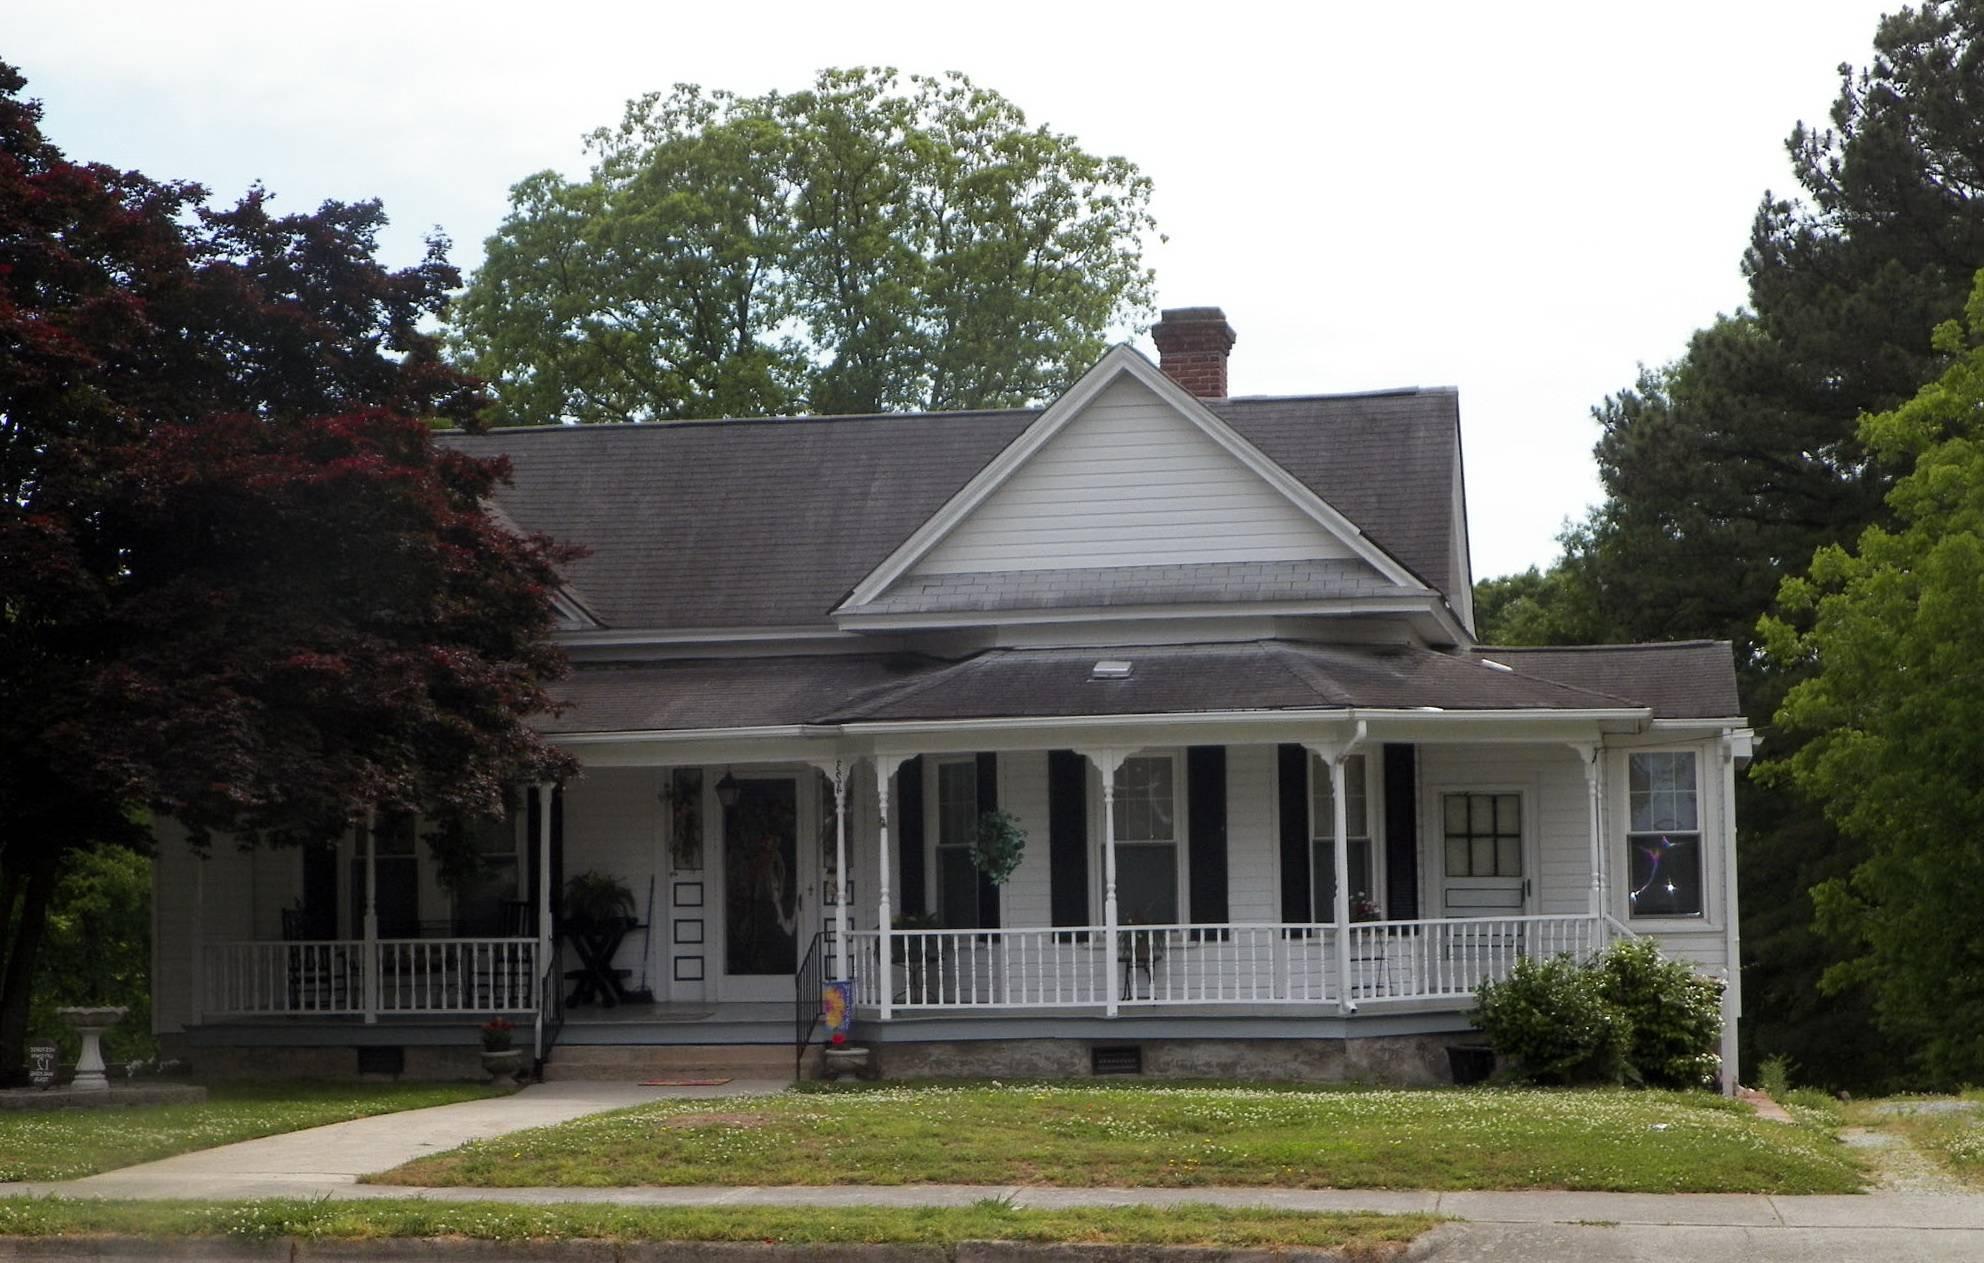 Superb House Plan 86226 At Familyhomeplanscom Farm House Designs And Inspirational Interior Design Netriciaus